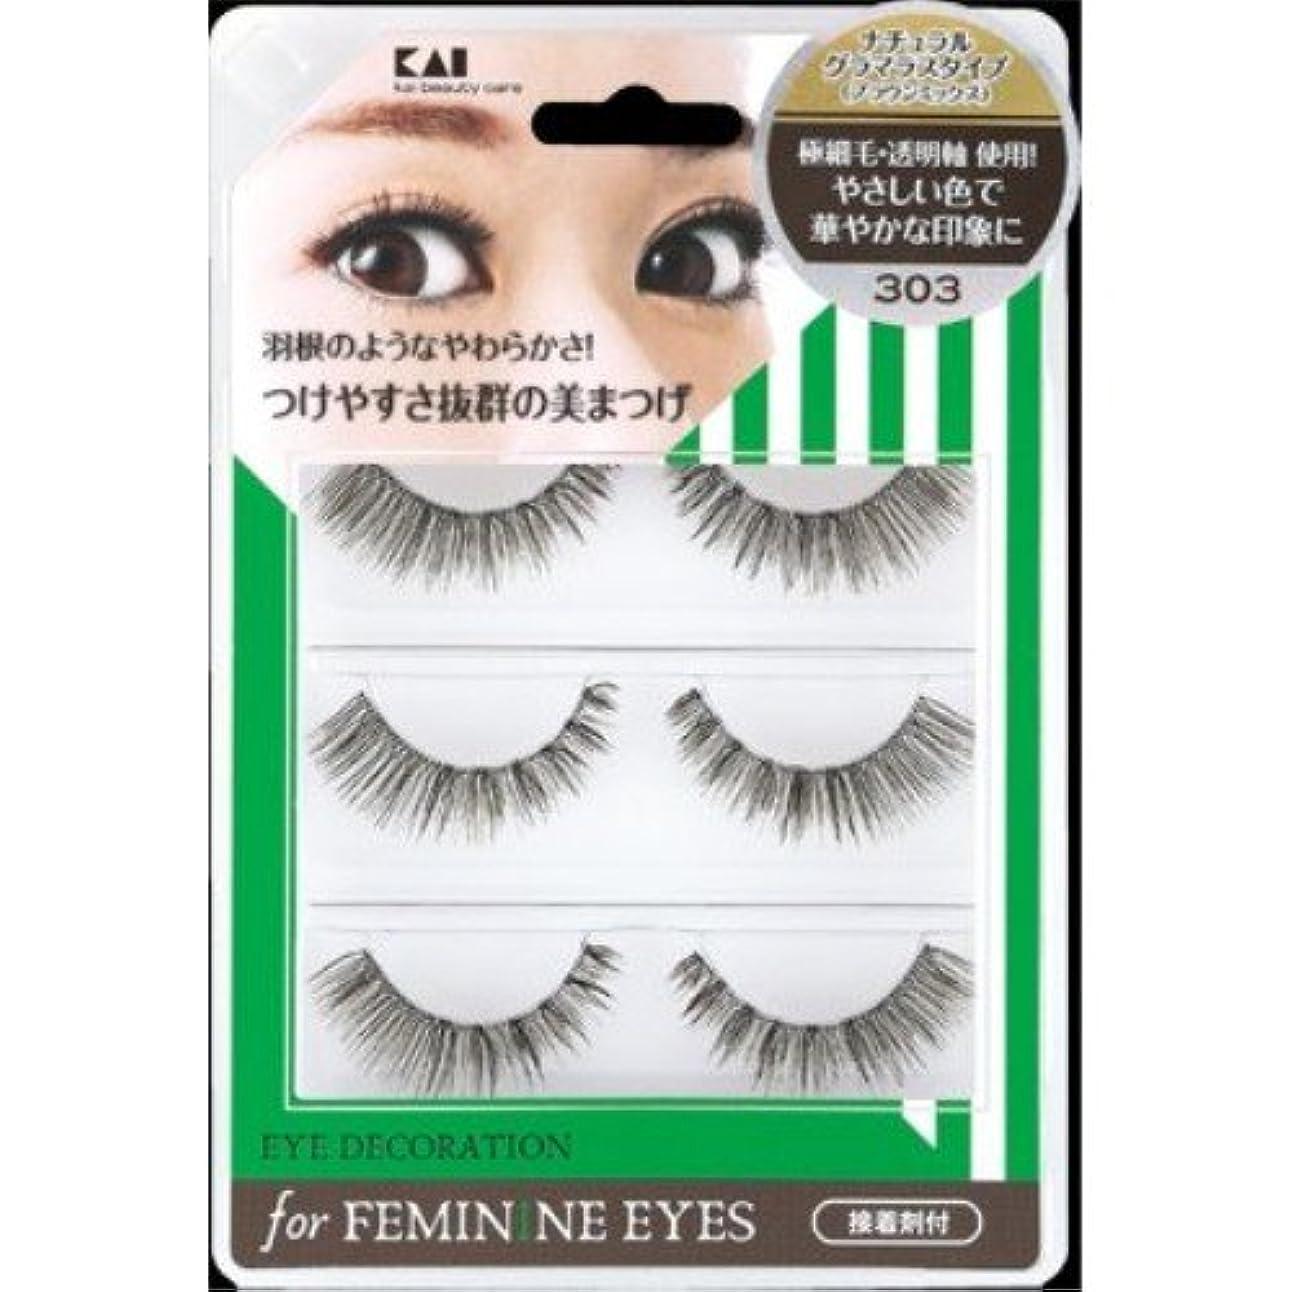 知っているに立ち寄る簡単に間貝印 アイデコレーション for feminine eyes 303 HC1563